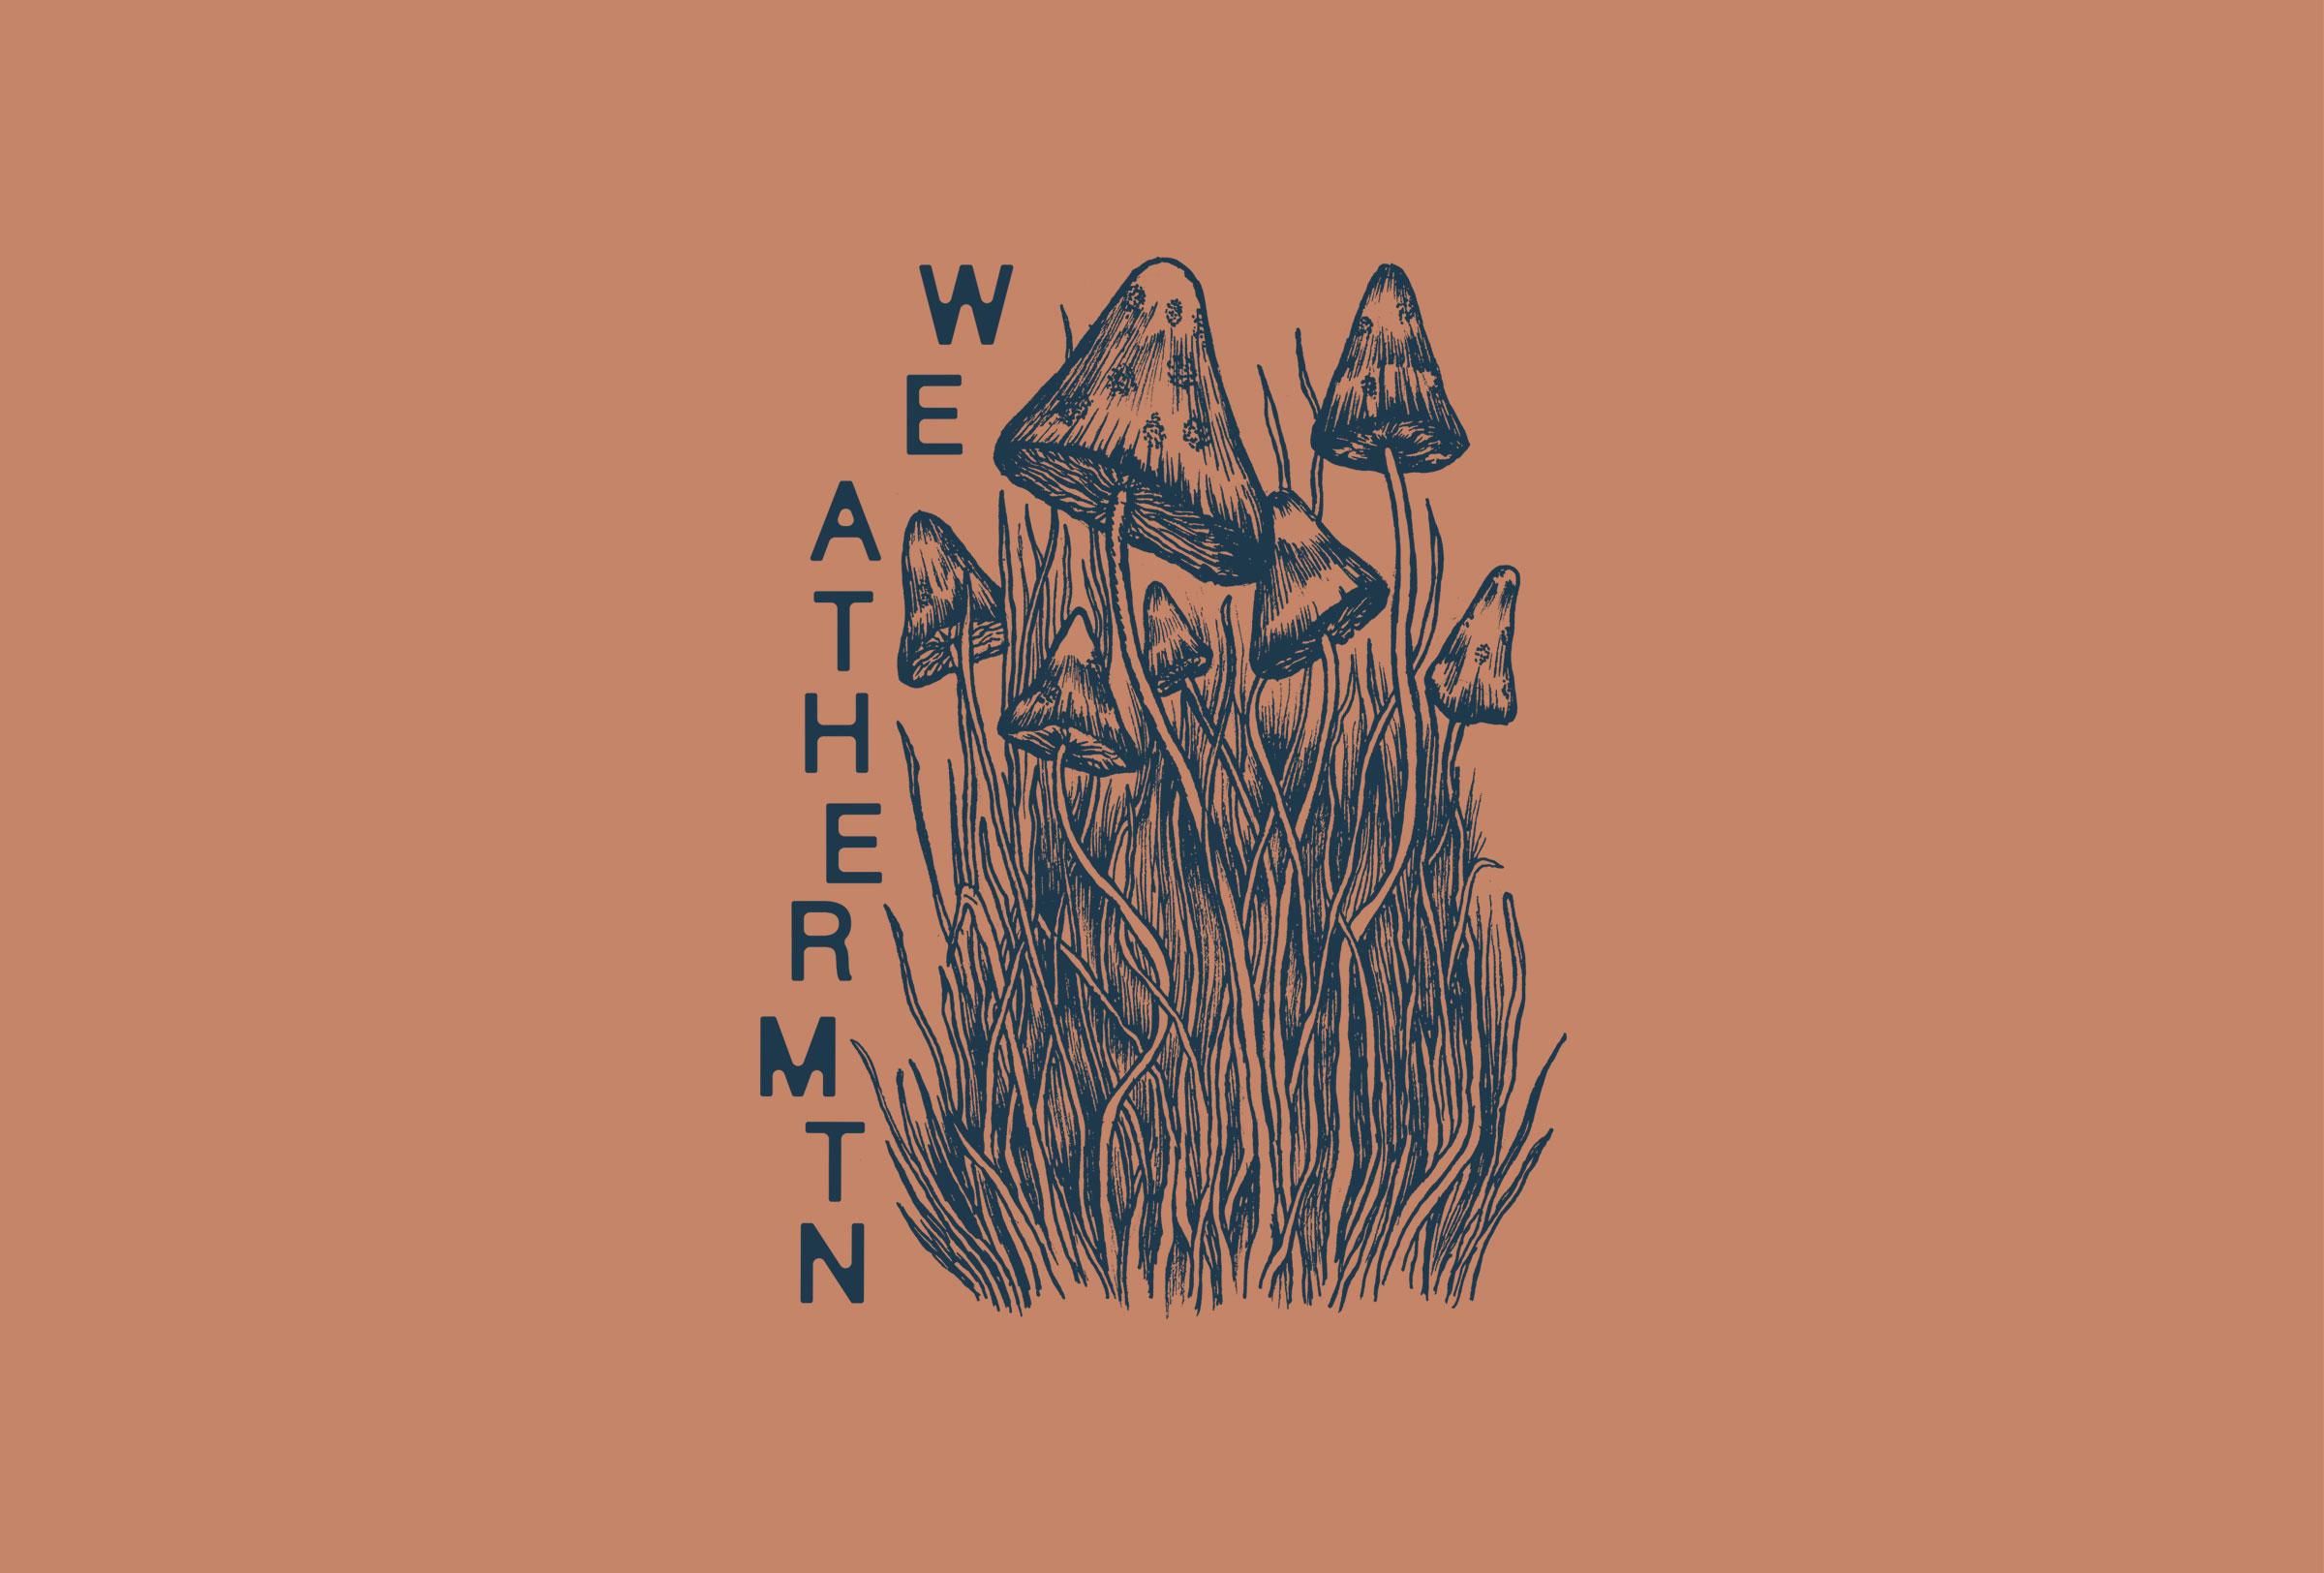 WEATHERMTN_07